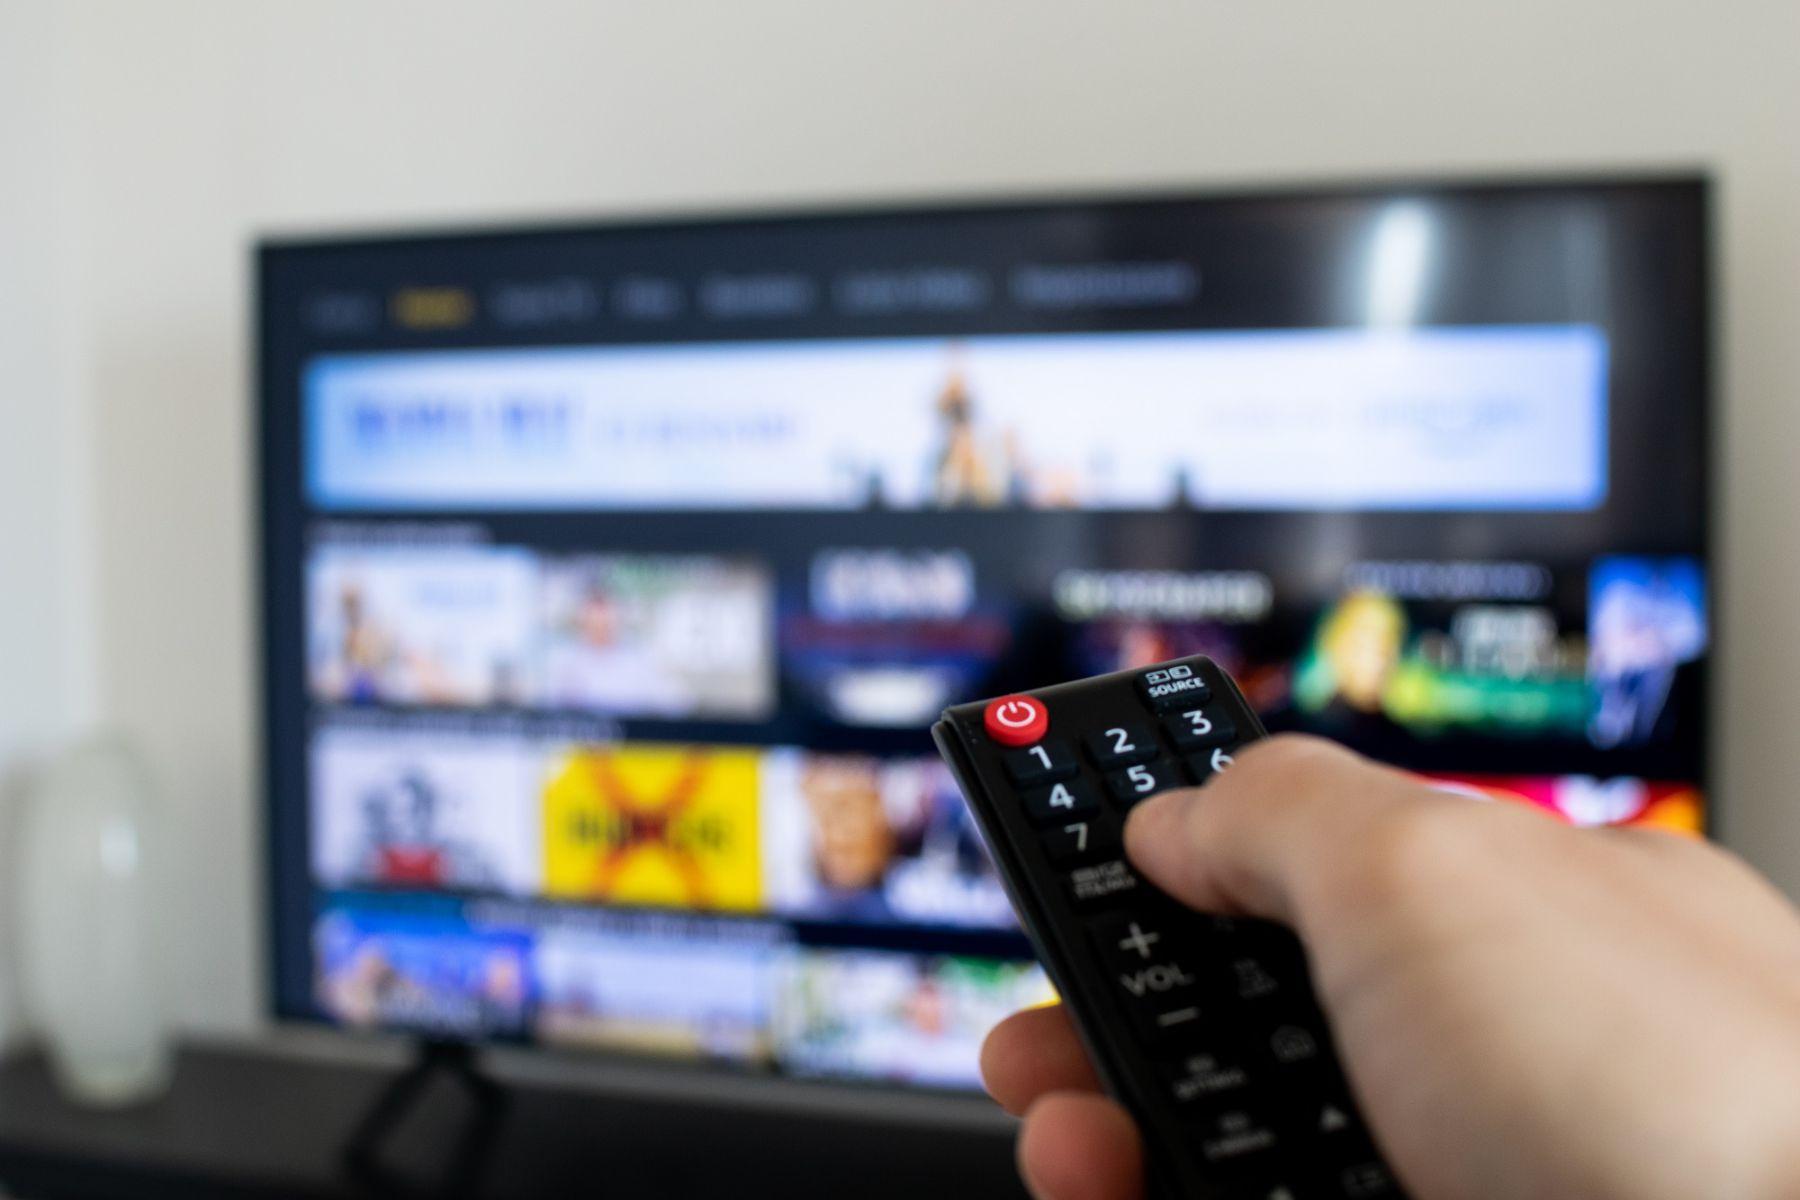 controle remto com televisao em segundo plano reproduzidno streaming